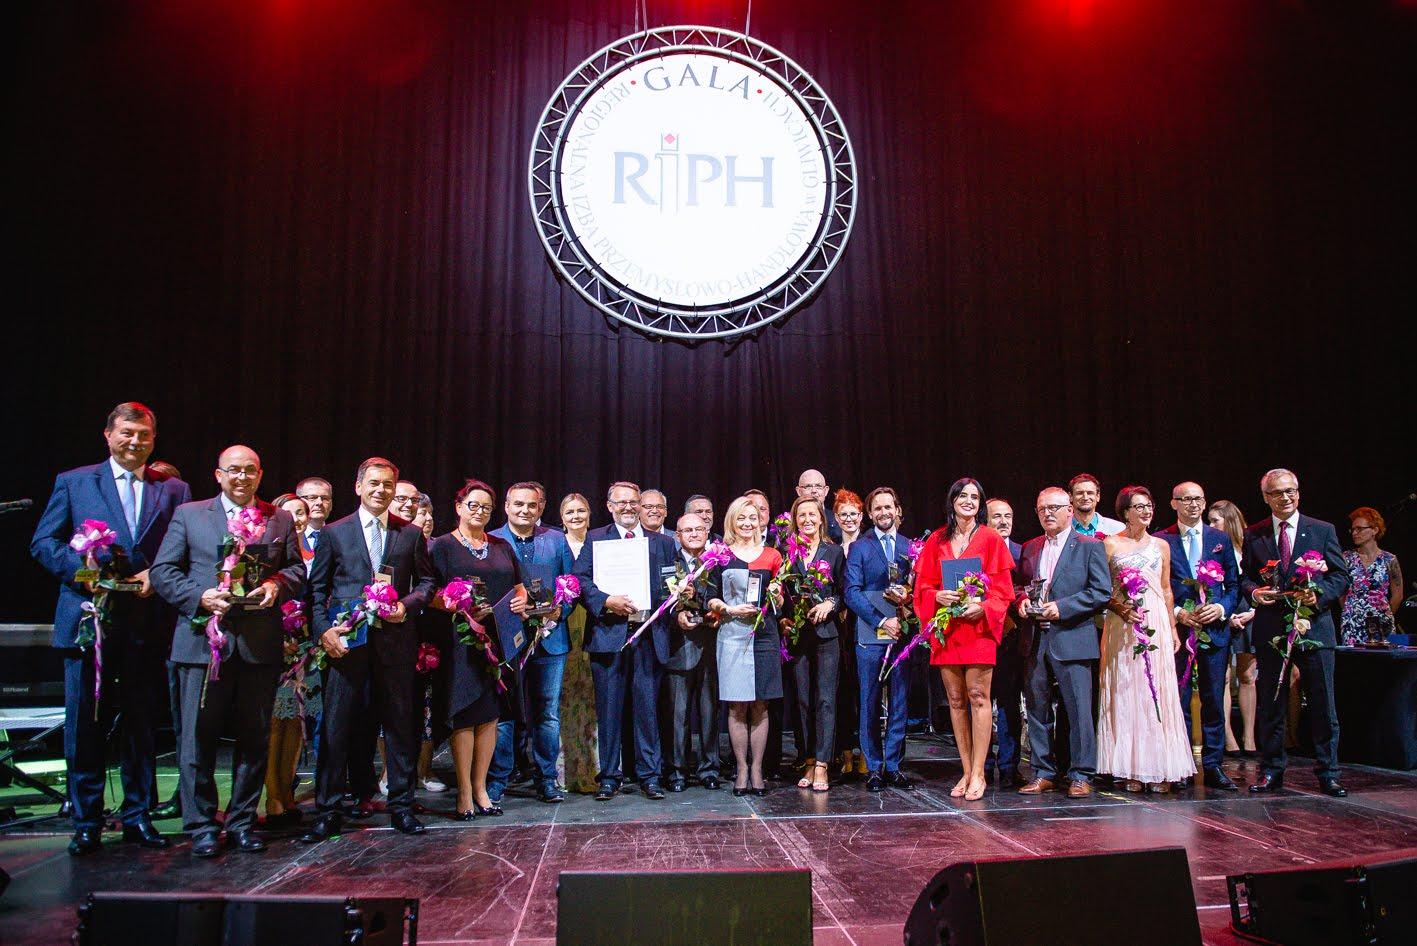 archiowalna gala - ludzie na scenie